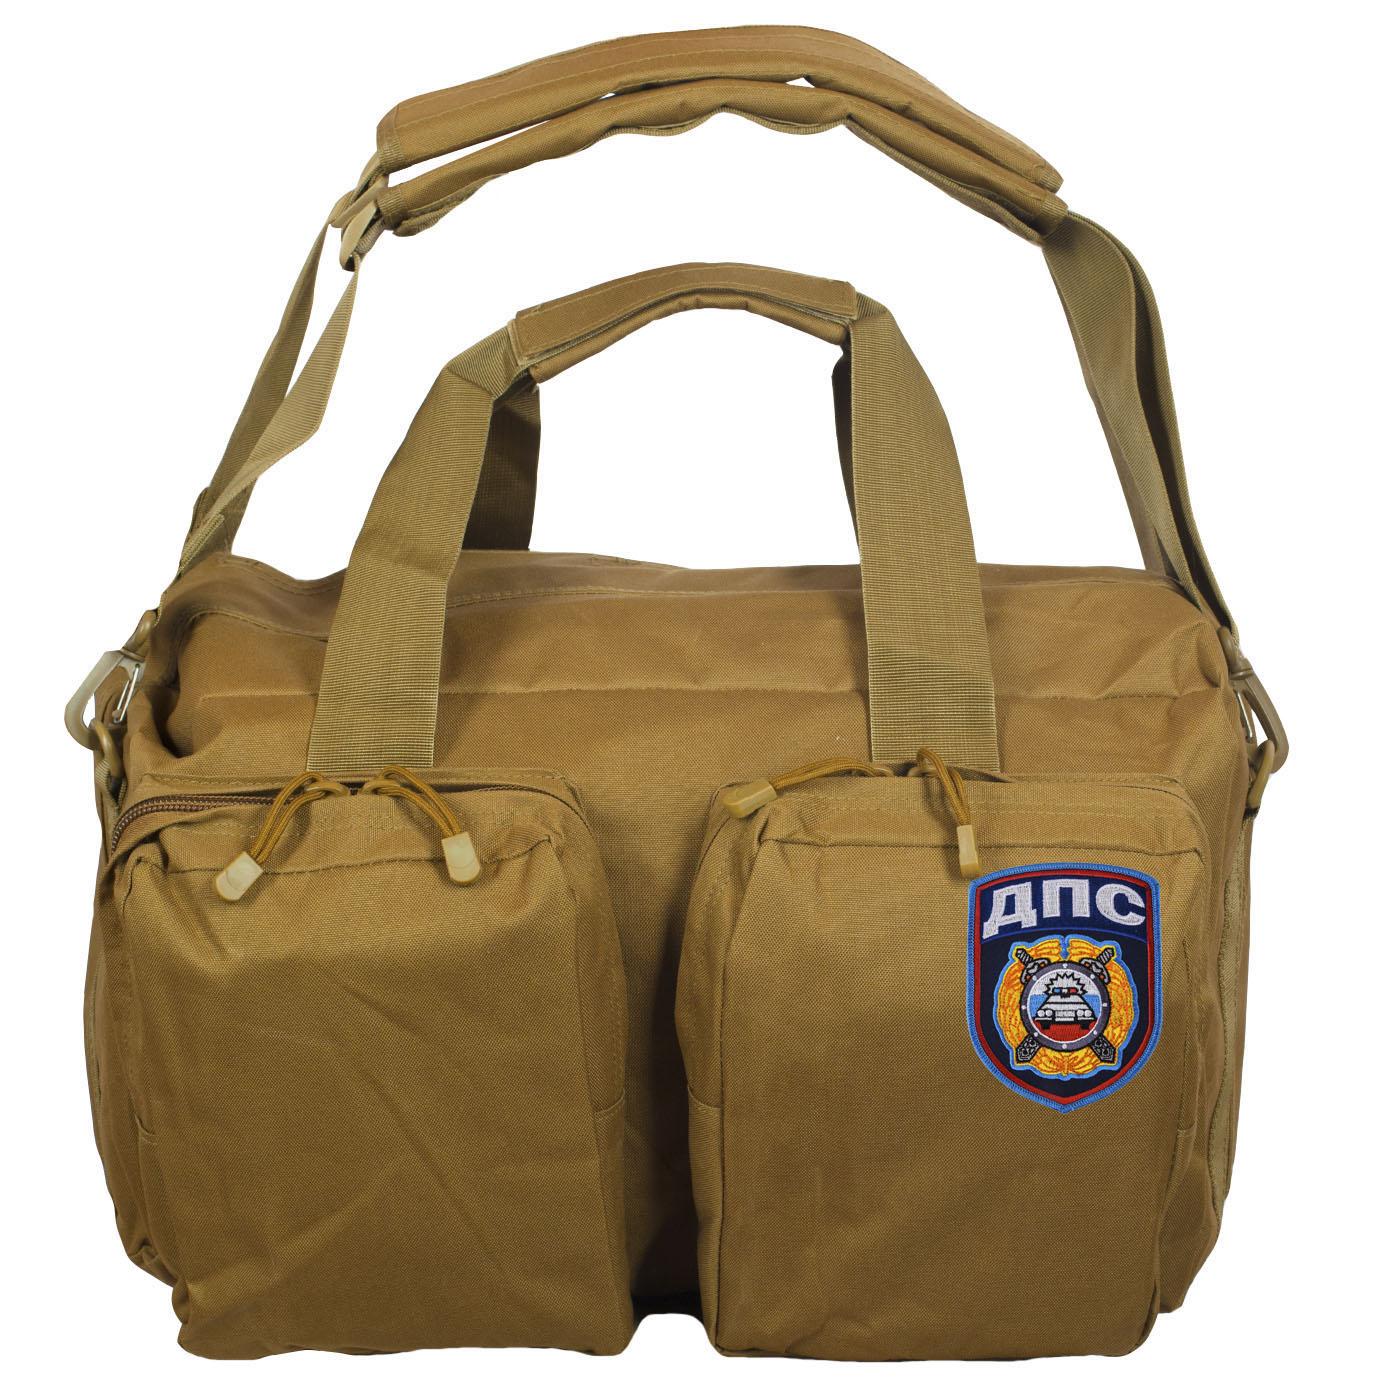 Эргономичная мужская сумка-рюкзак с нашивкой ДПС